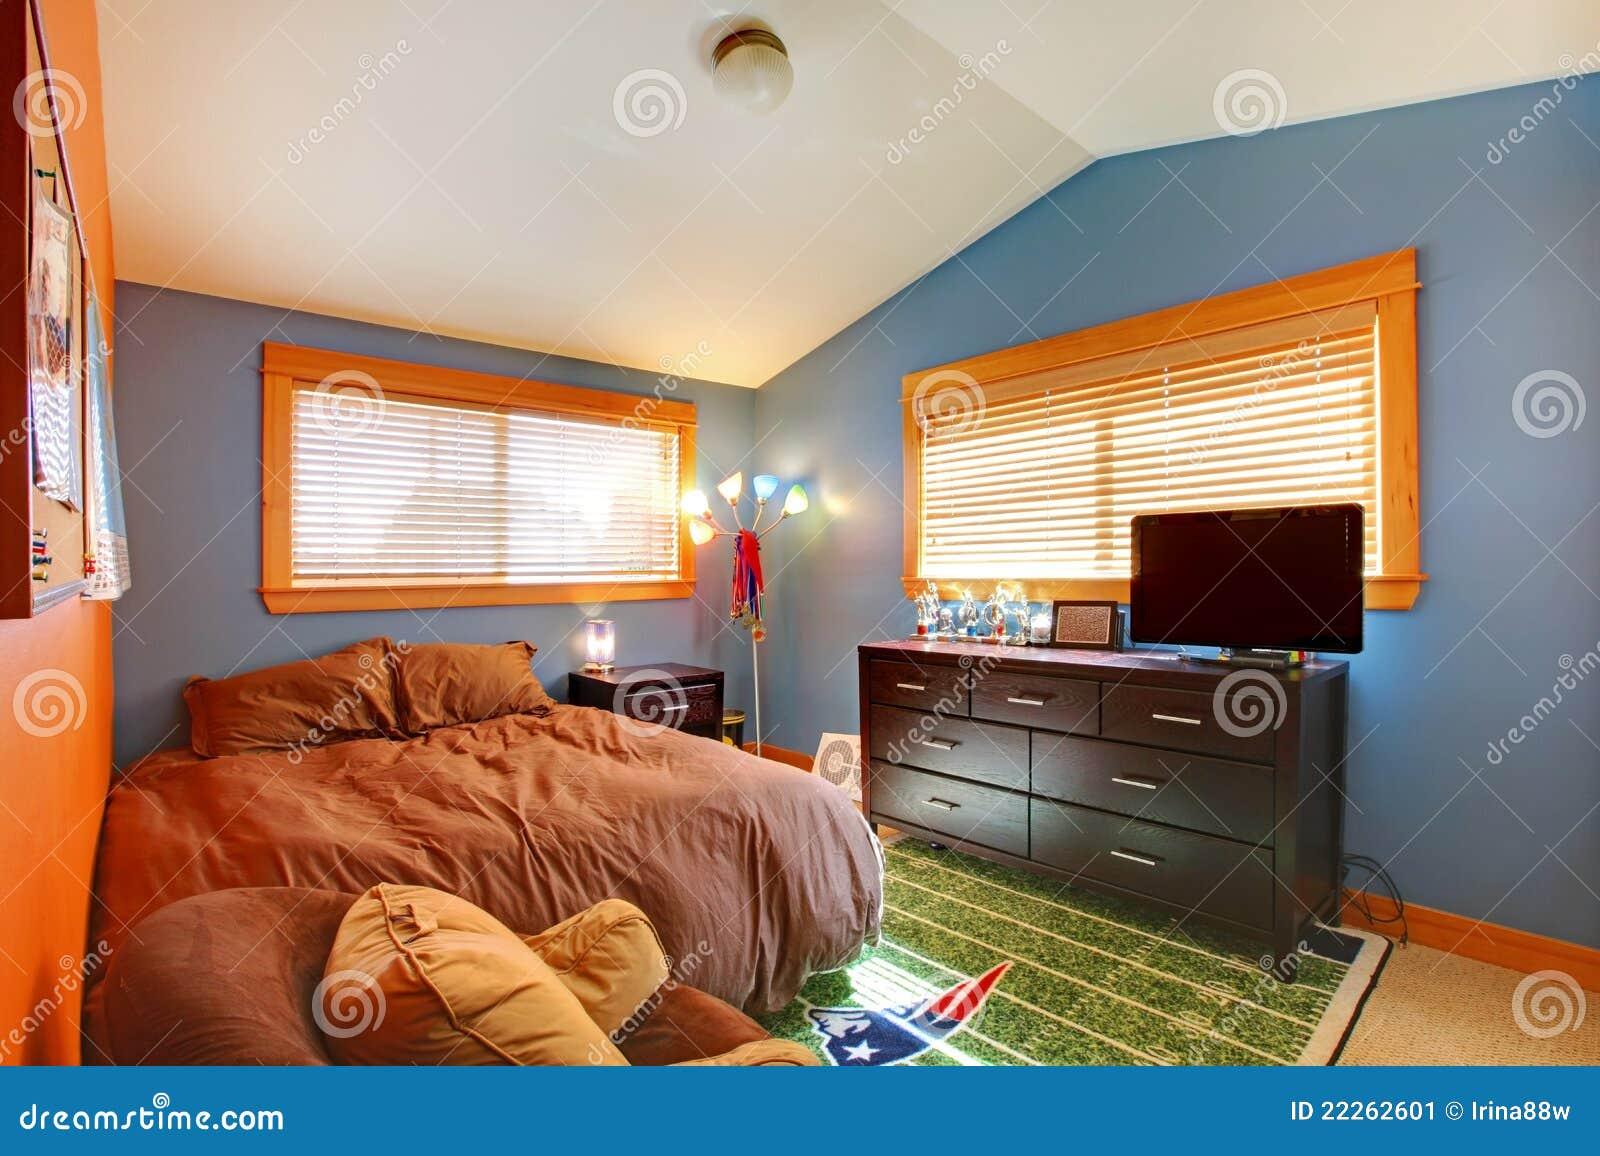 Dipingere cameretta neonato - Dipingere camera bambini ...